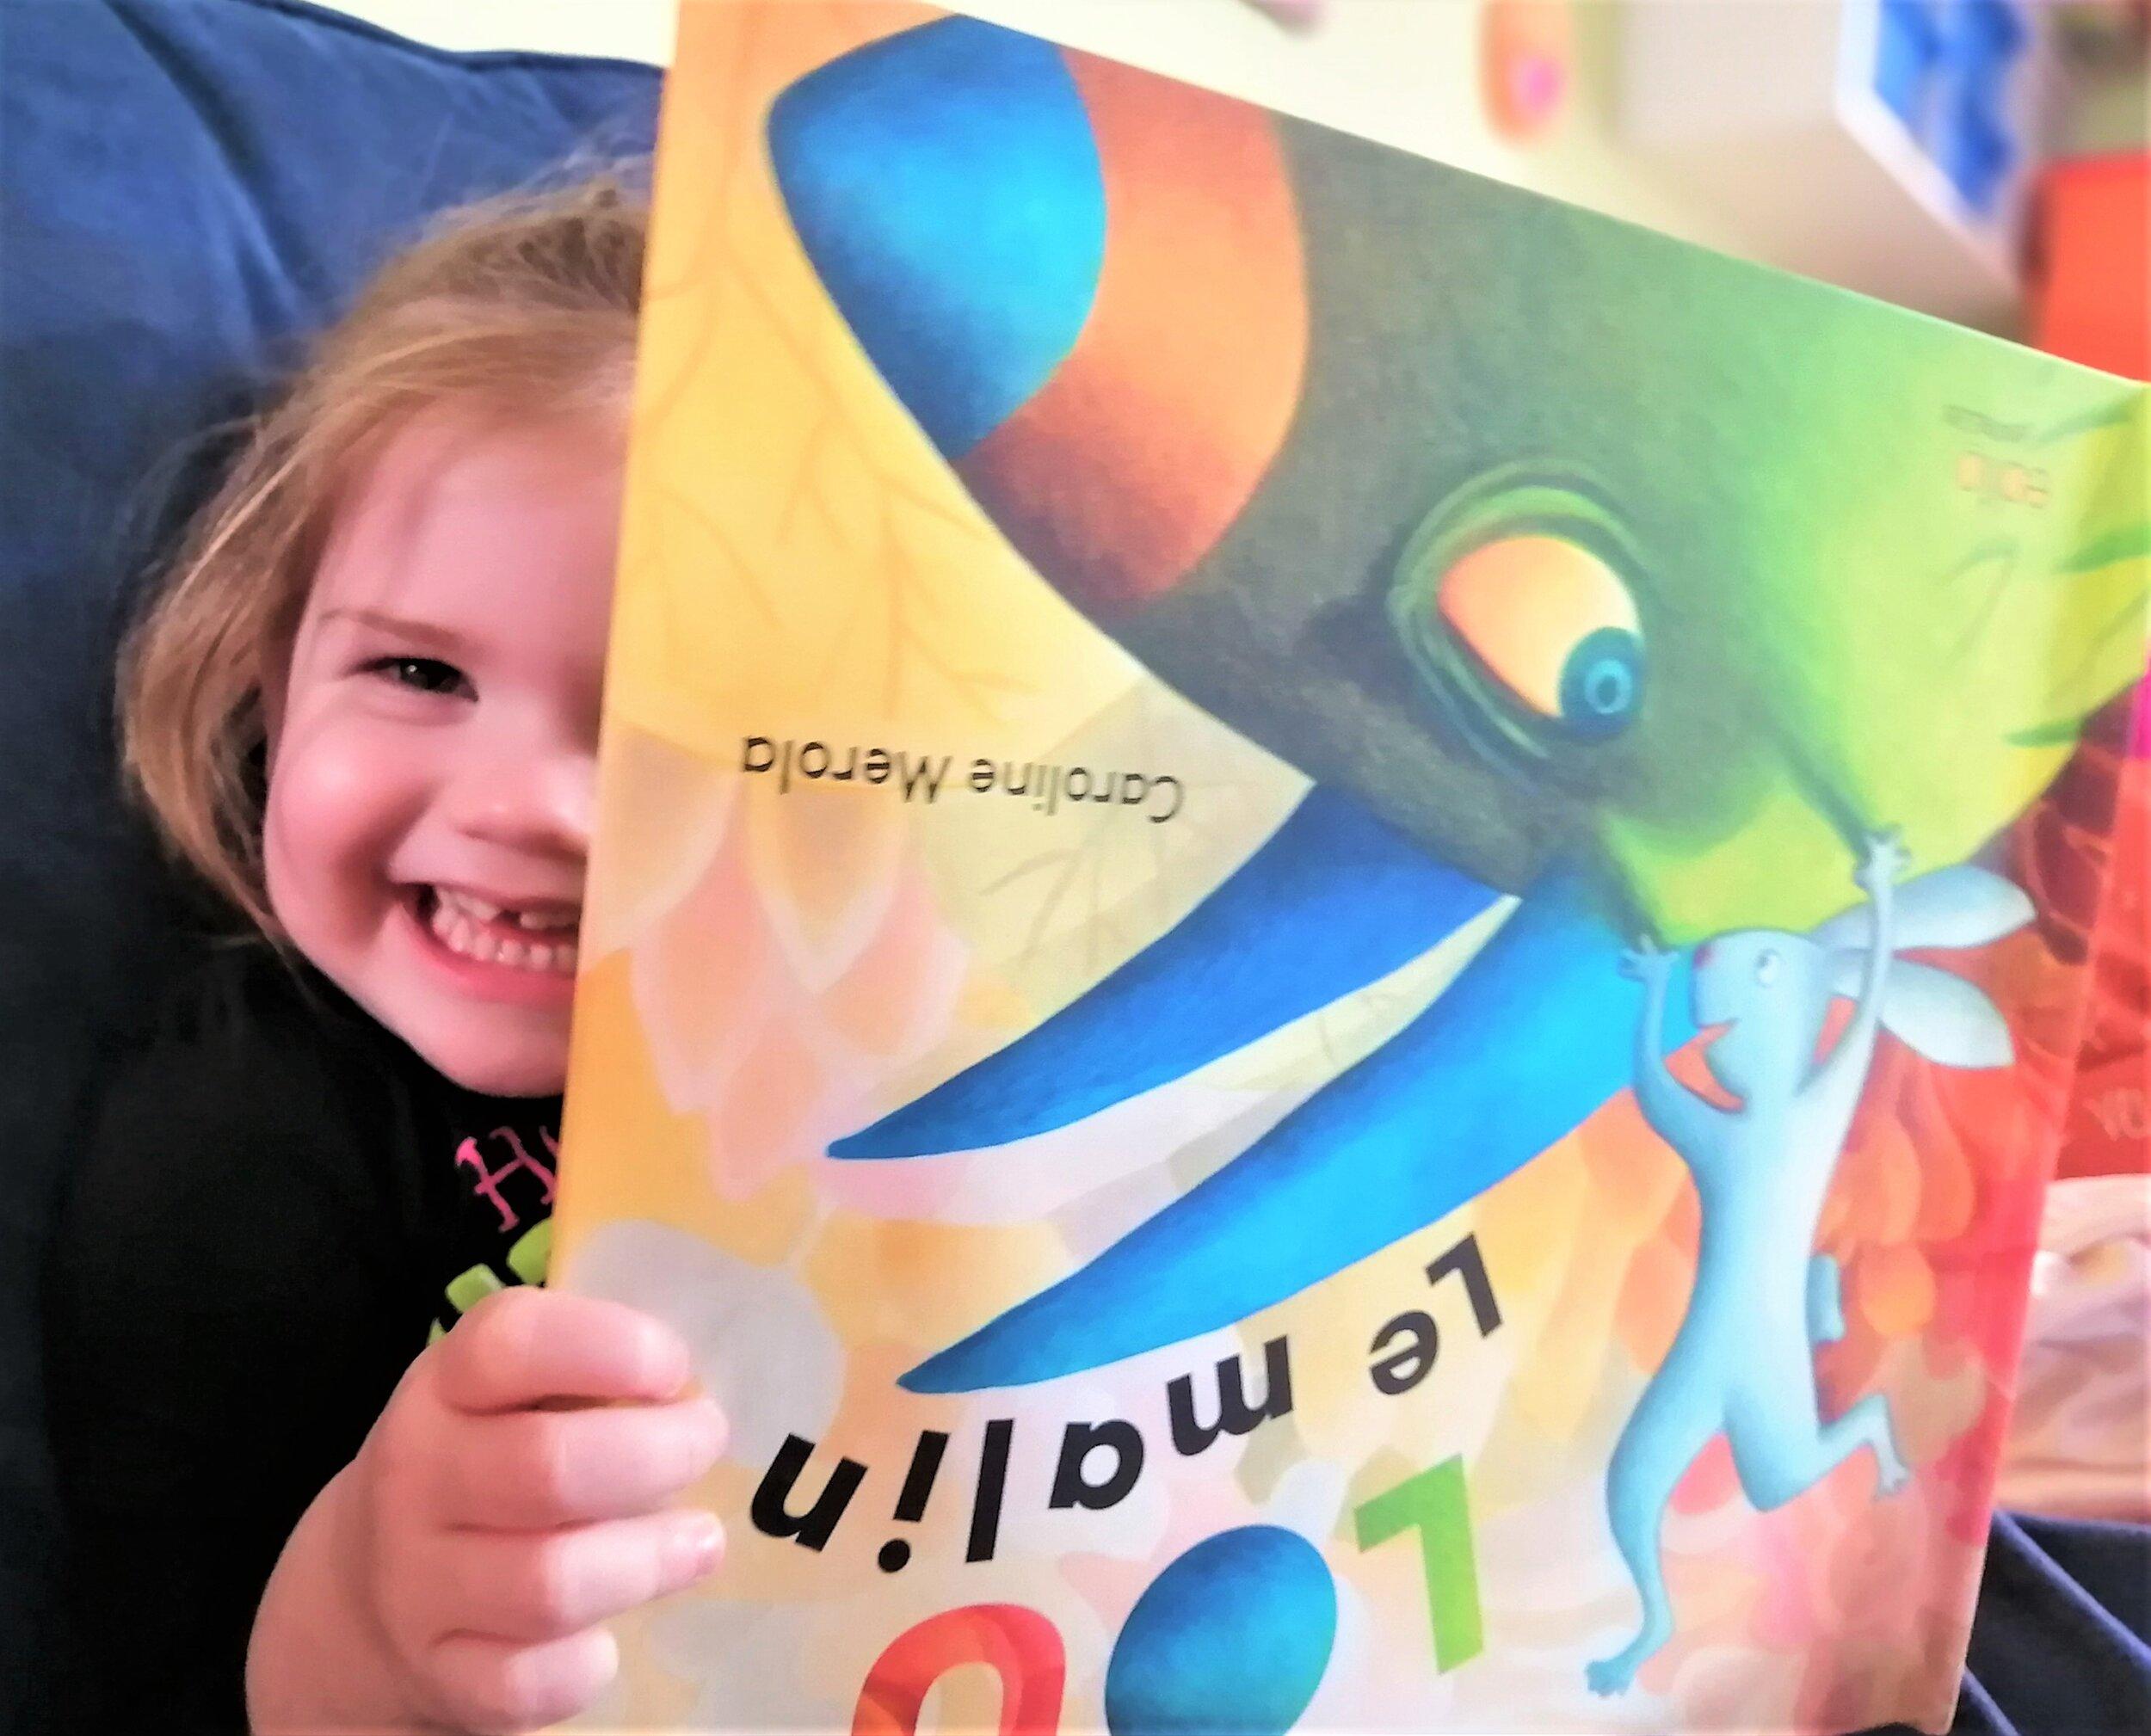 lou-le-malin-monstre-enfants-2-ans-tête-en-bas-images-cachées-heure-du-conte-fabuleuse-Édito